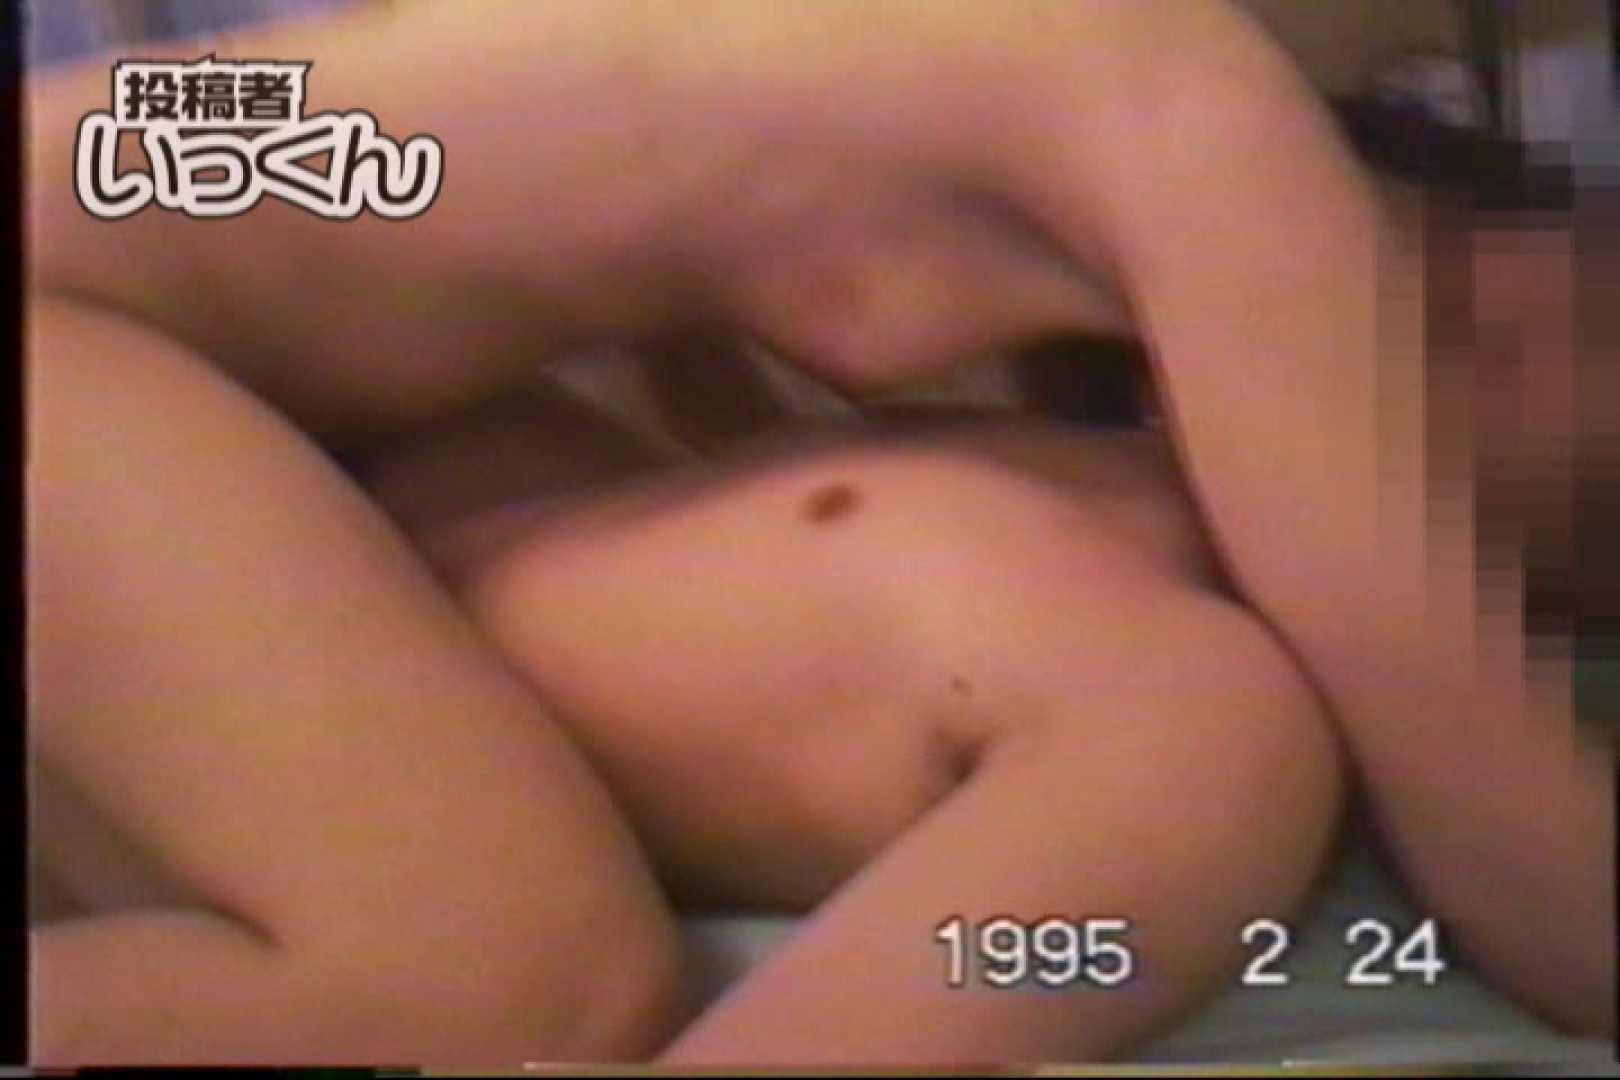 調教師いっくんの ちほ撮影バレ 盗撮  83pic 12